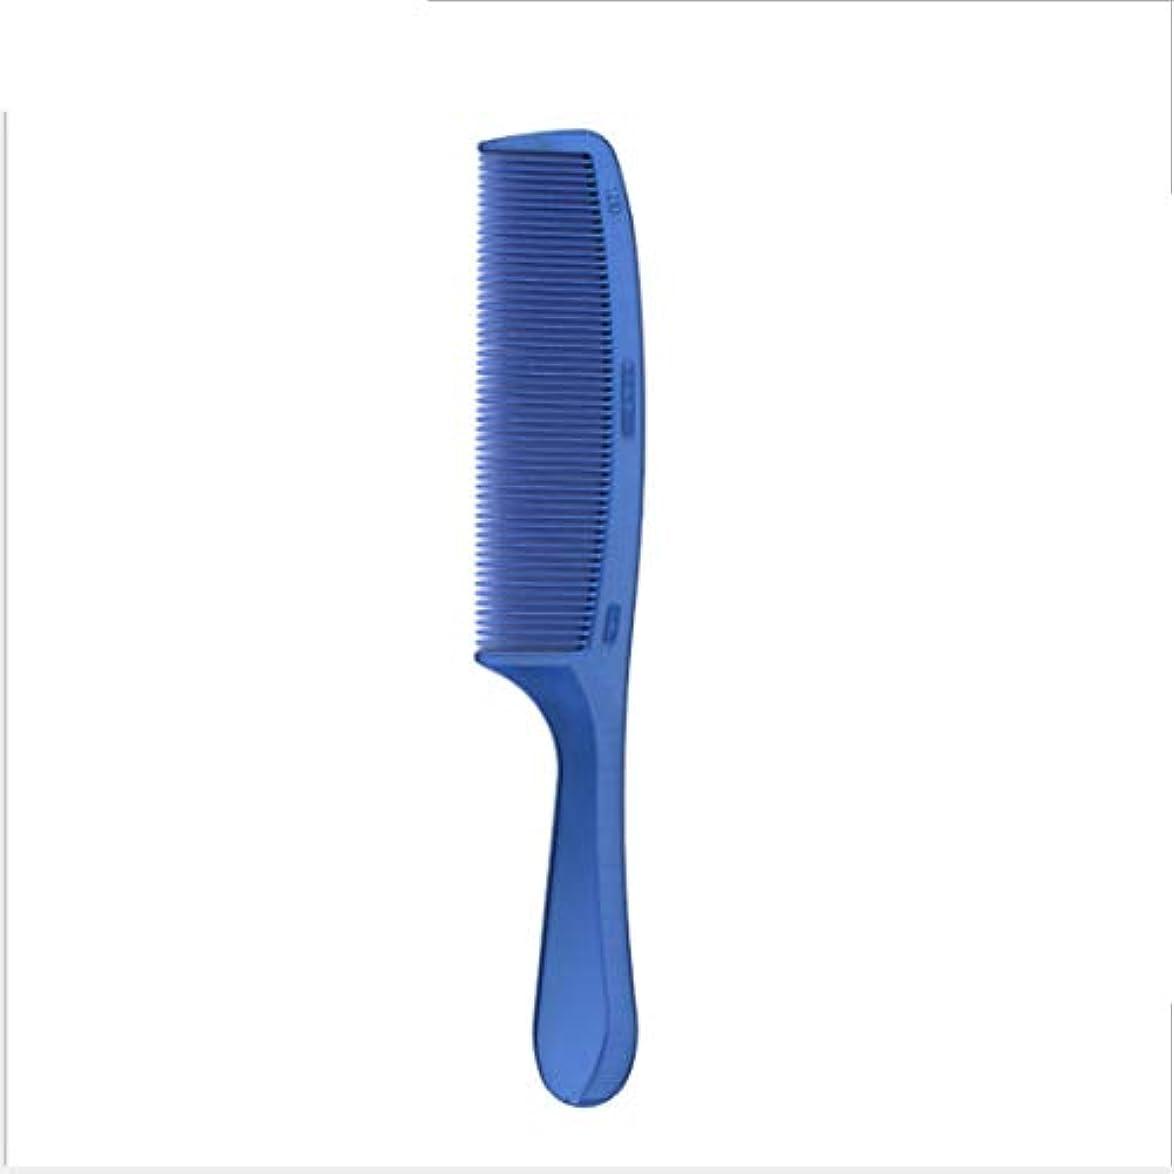 キャッシュロデオフェザー(メイクコーム、ナイロンコーム、フラットコーム)女性や男性のためのプラスチック製の髪の櫛静電気防止髪カット特別な櫛ナチュラルカラーブルー ヘアケア (サイズ : 128)